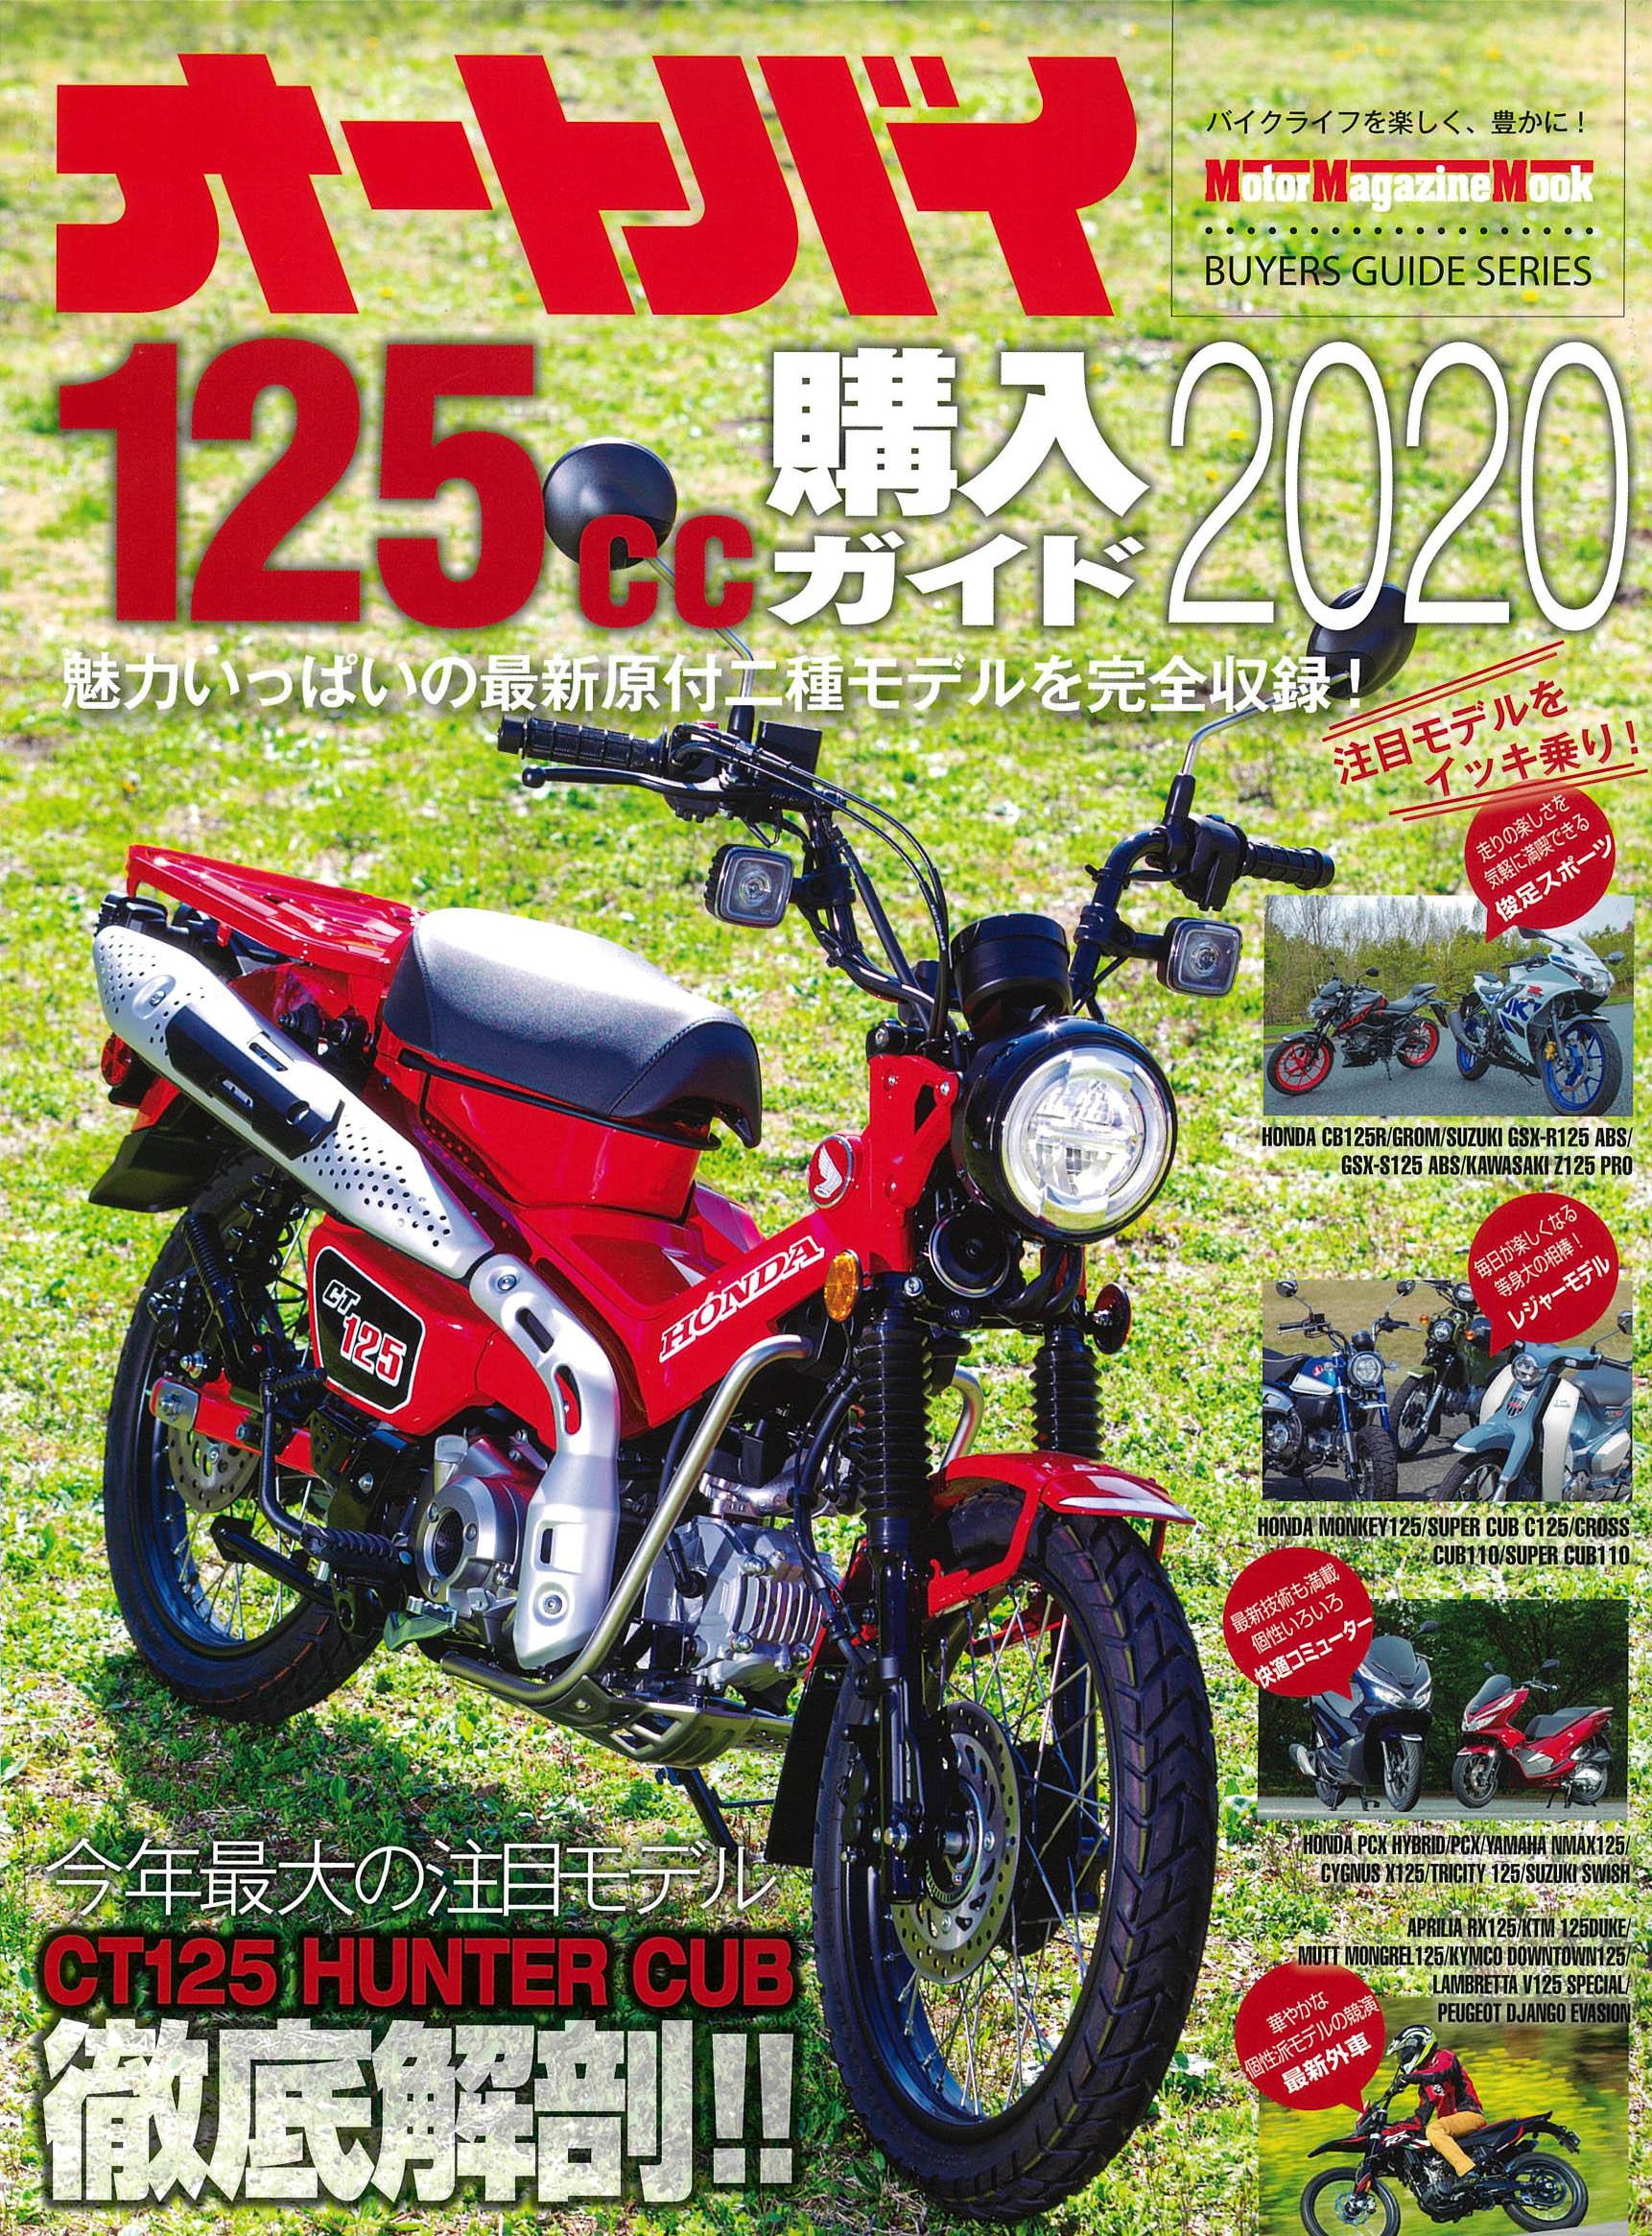 【オートバイ125㏄購入ガイド2020掲載】FANTIC ・Lambretta・SYM(エス・ワイ・エム)